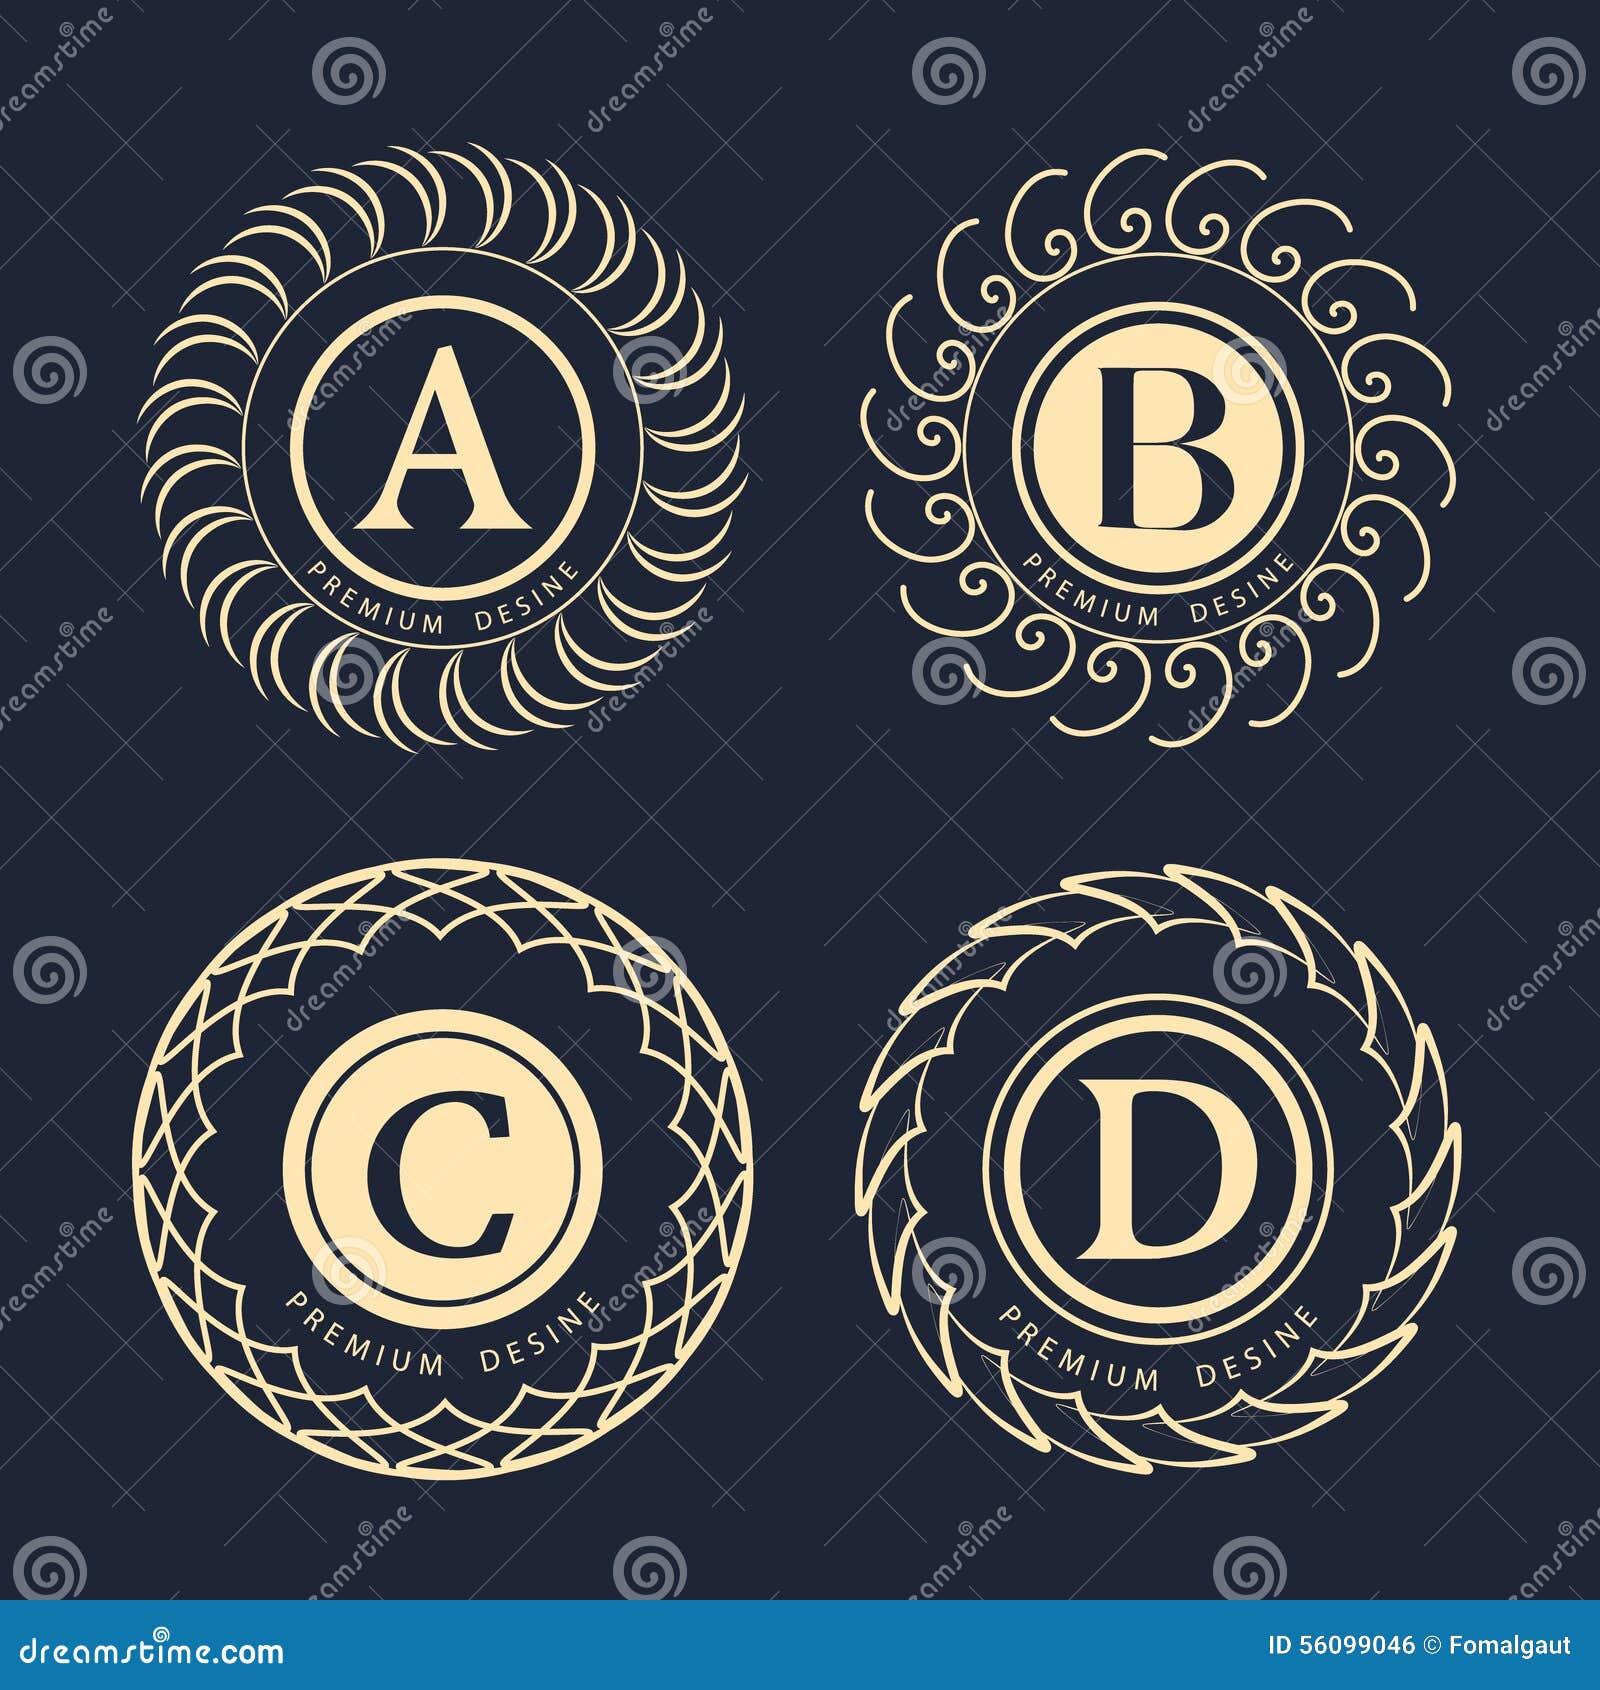 Line Art Logo Design : Monogram design elements graceful template elegant line